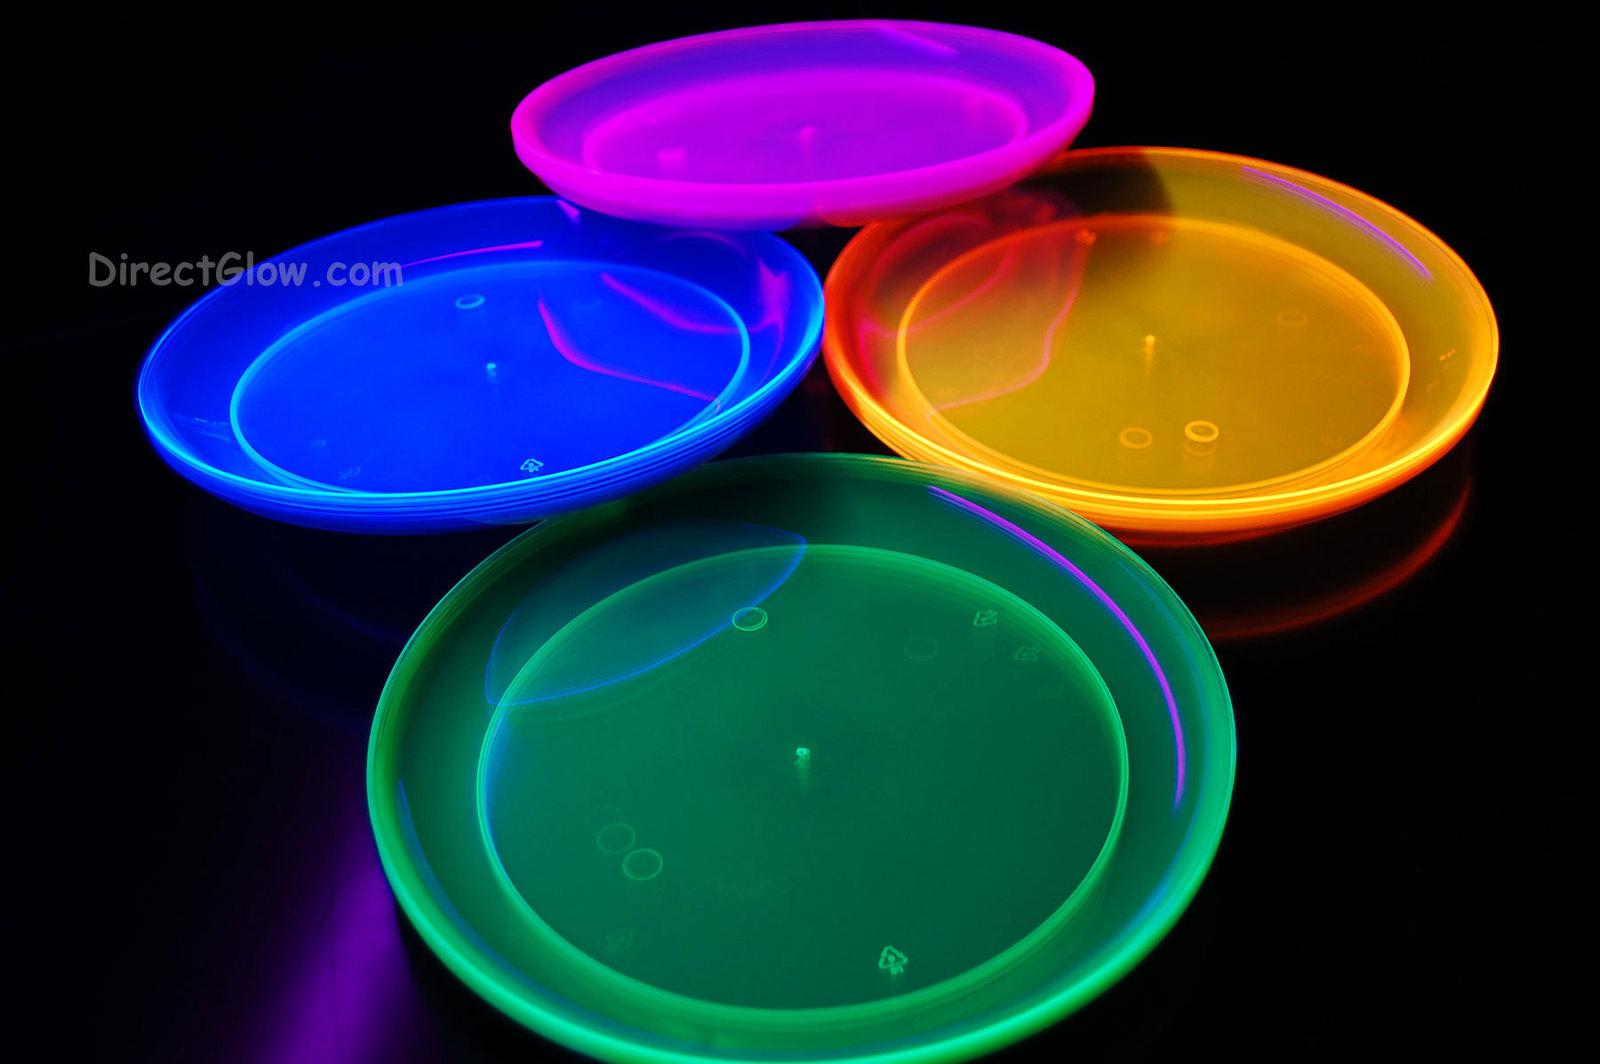 9 inch round plates4